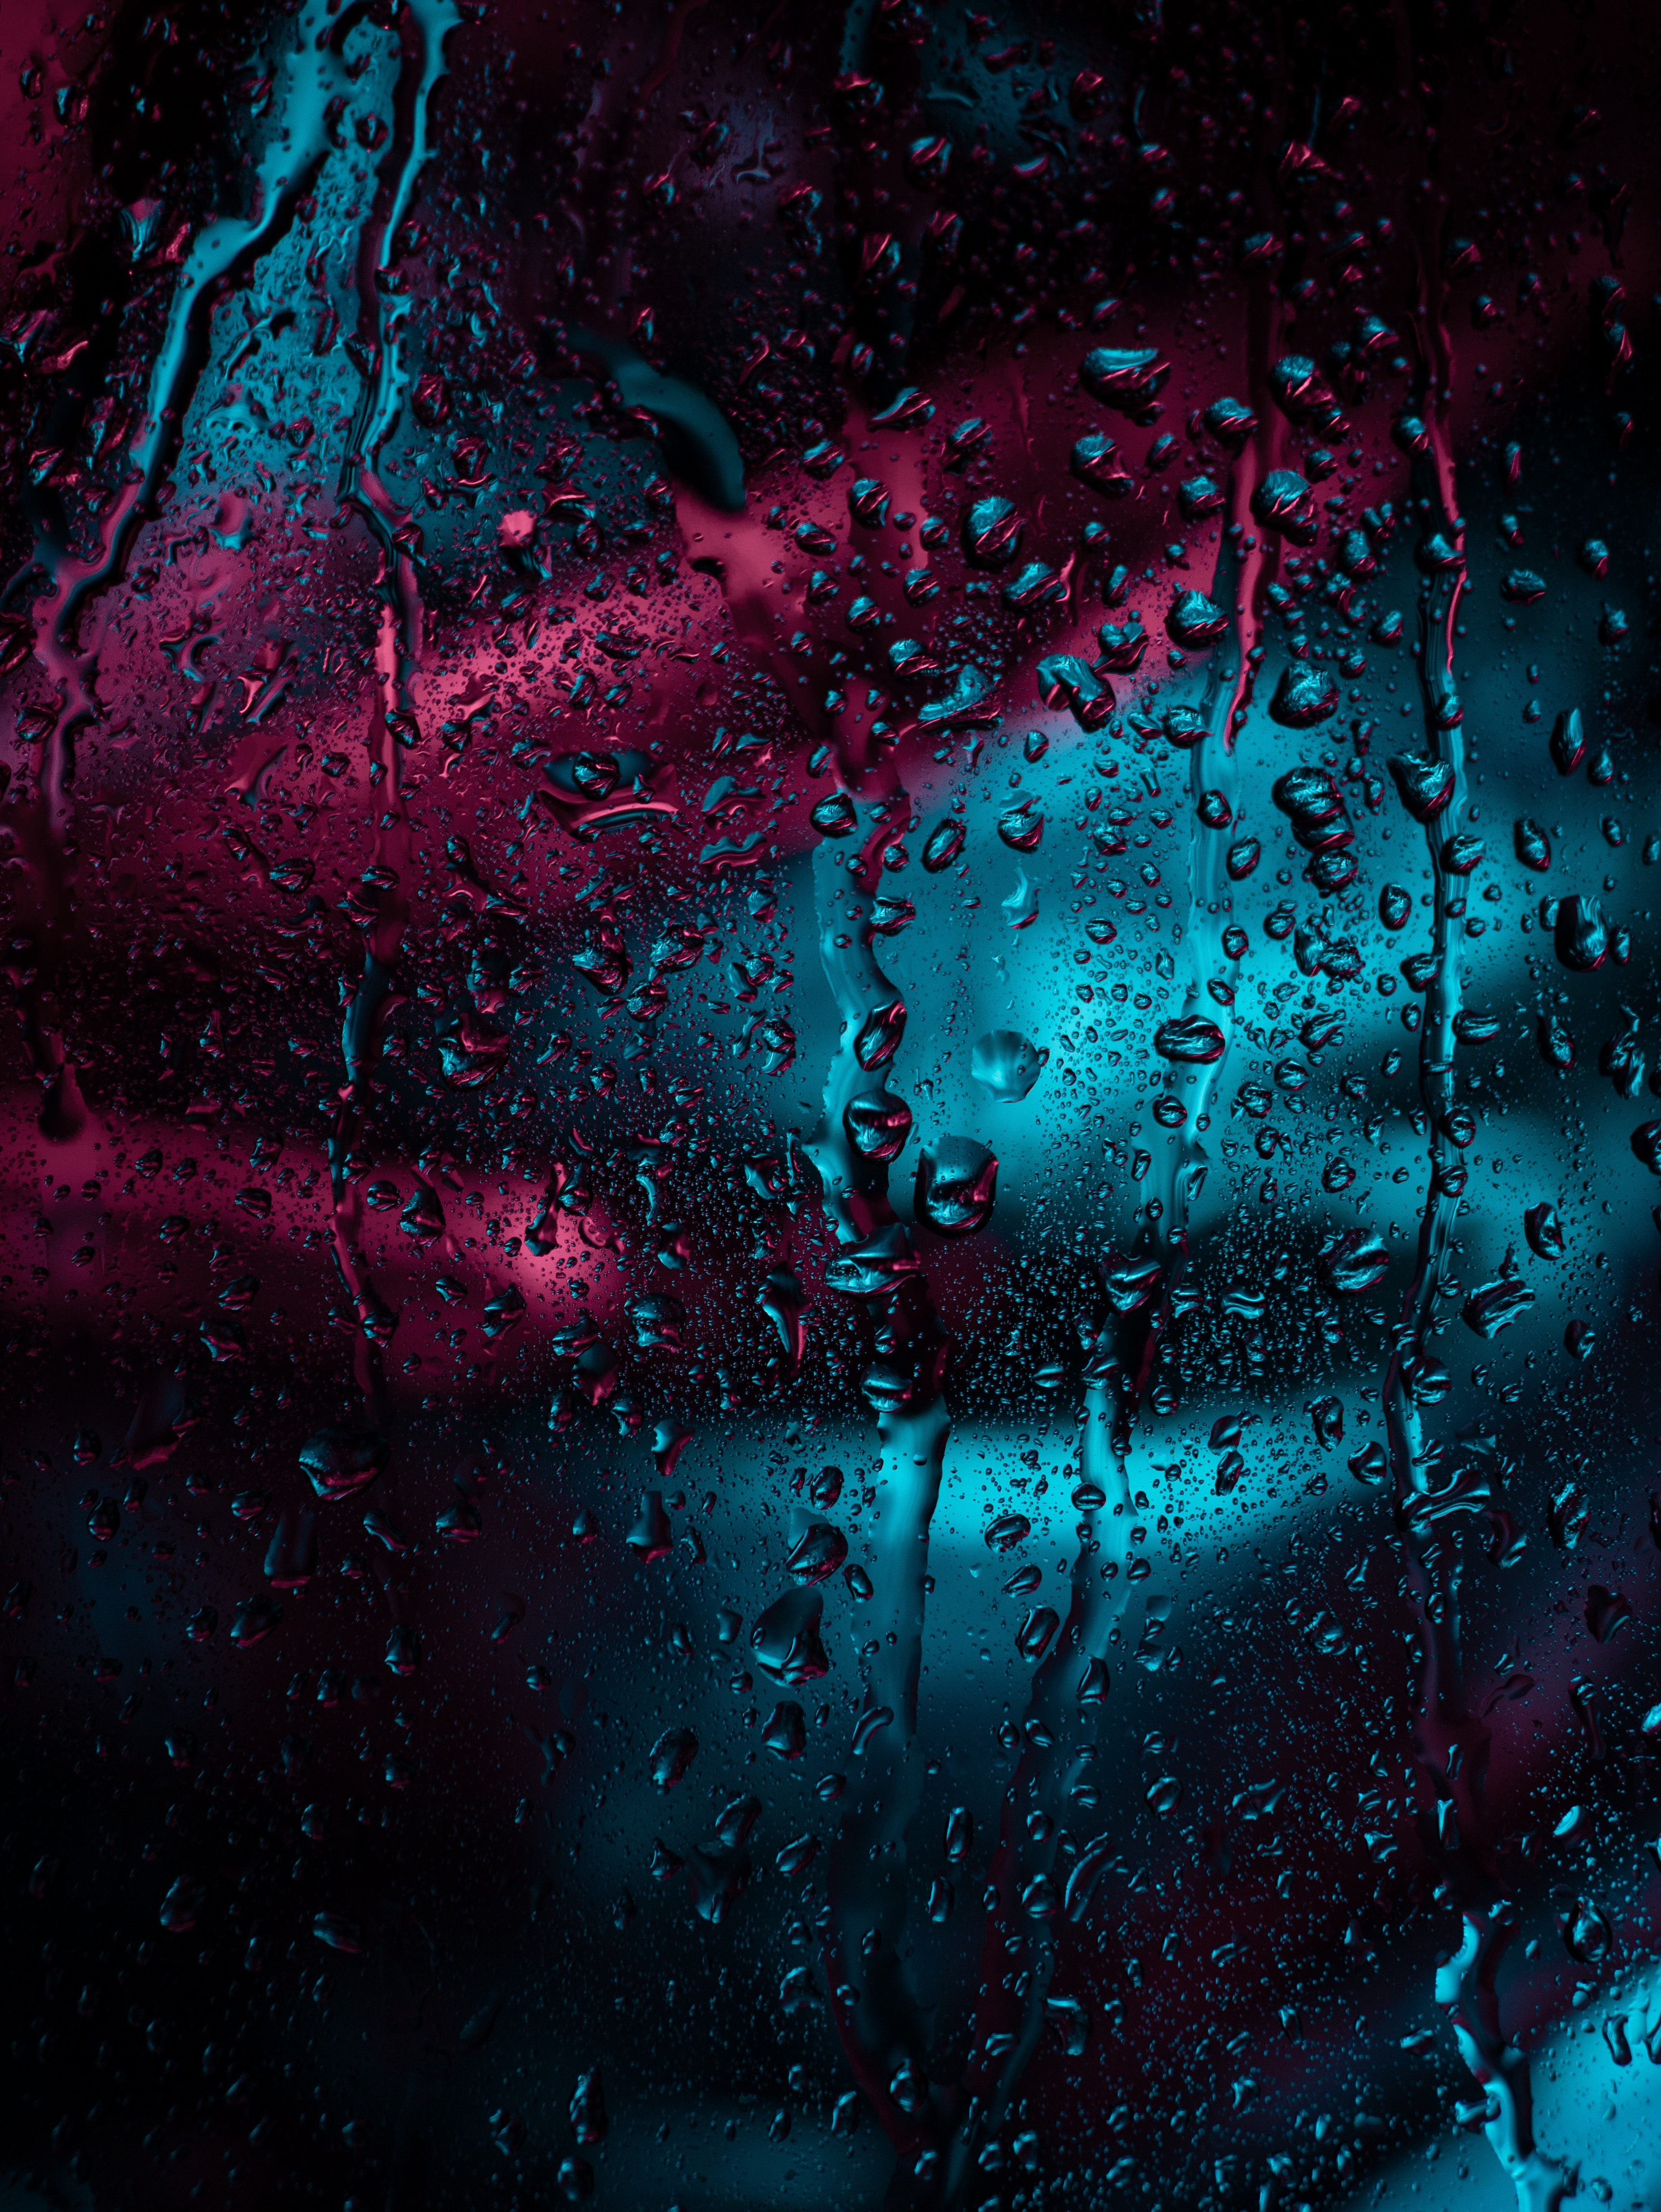 114069 Hintergrundbild herunterladen Drops, Regen, Makro, Dunkel, Oberfläche, Feuchtigkeit, Glas, Fenster - Bildschirmschoner und Bilder kostenlos